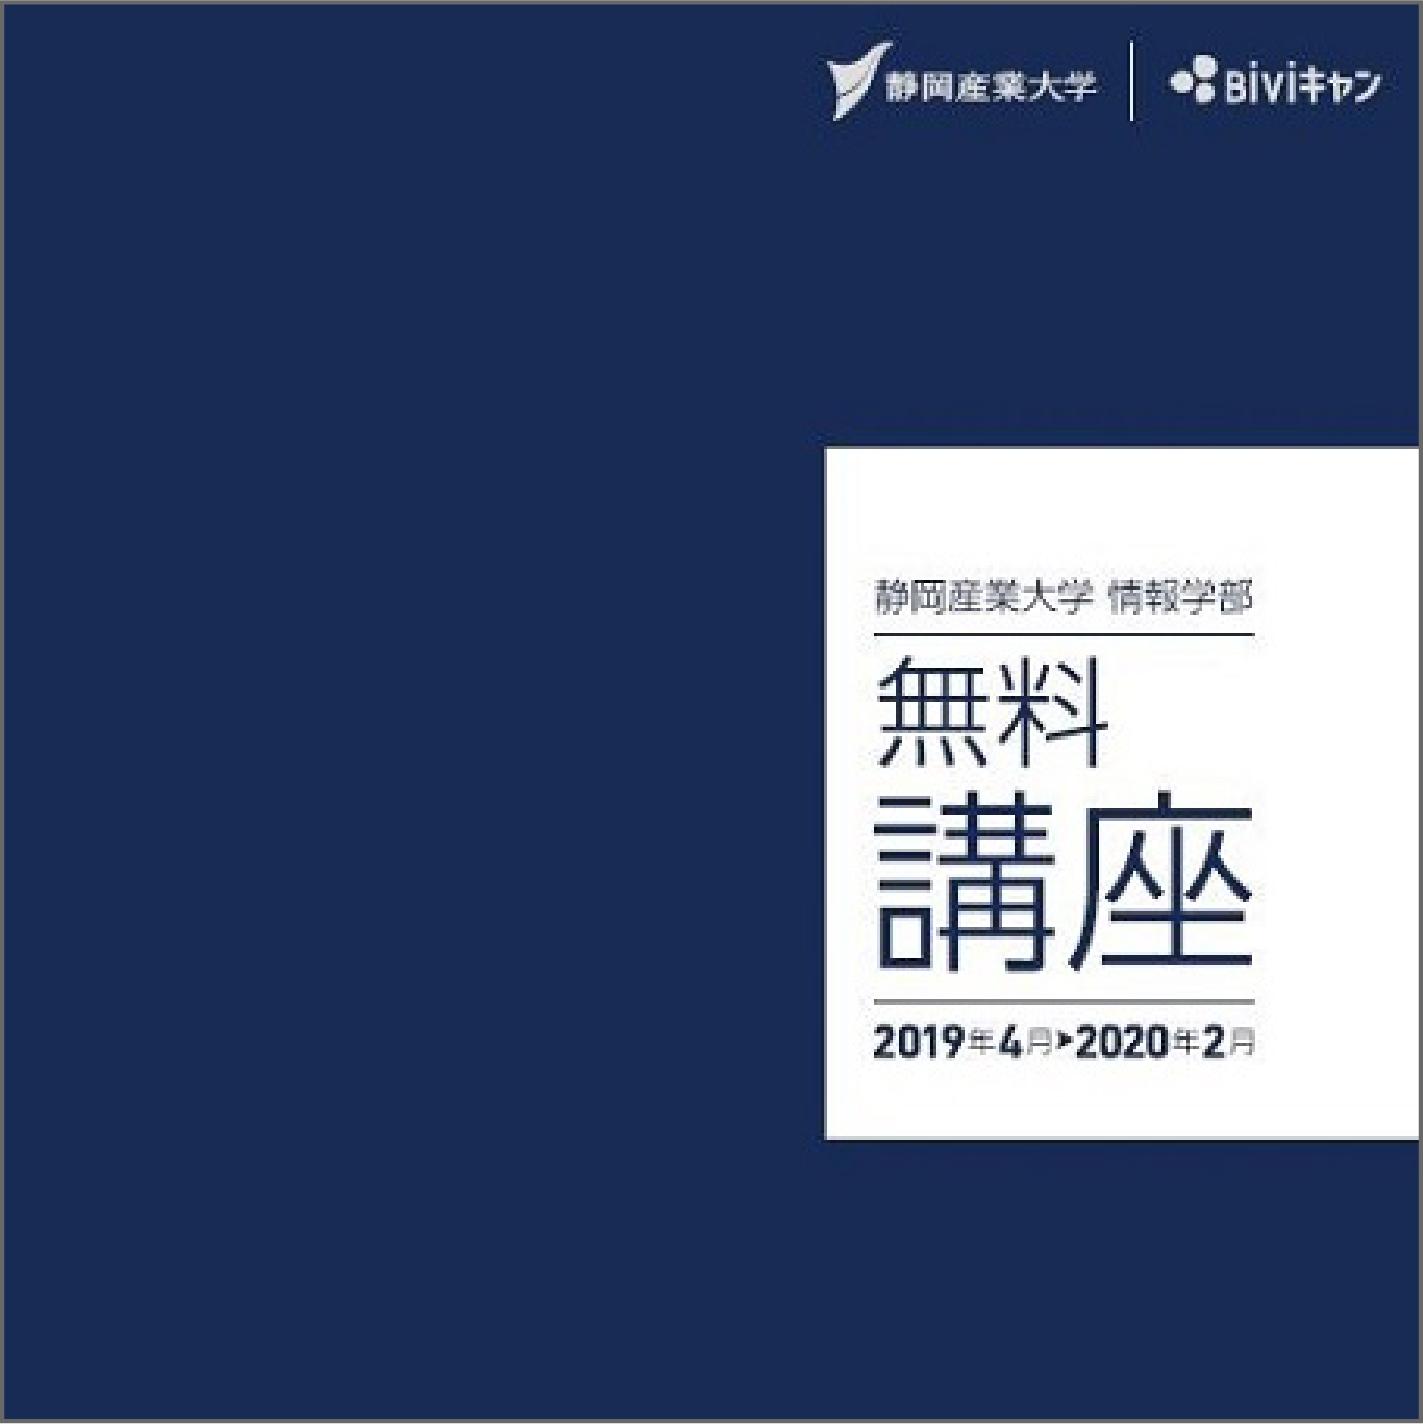 BiViキャン無料講座(2019年度版)冊子PDF